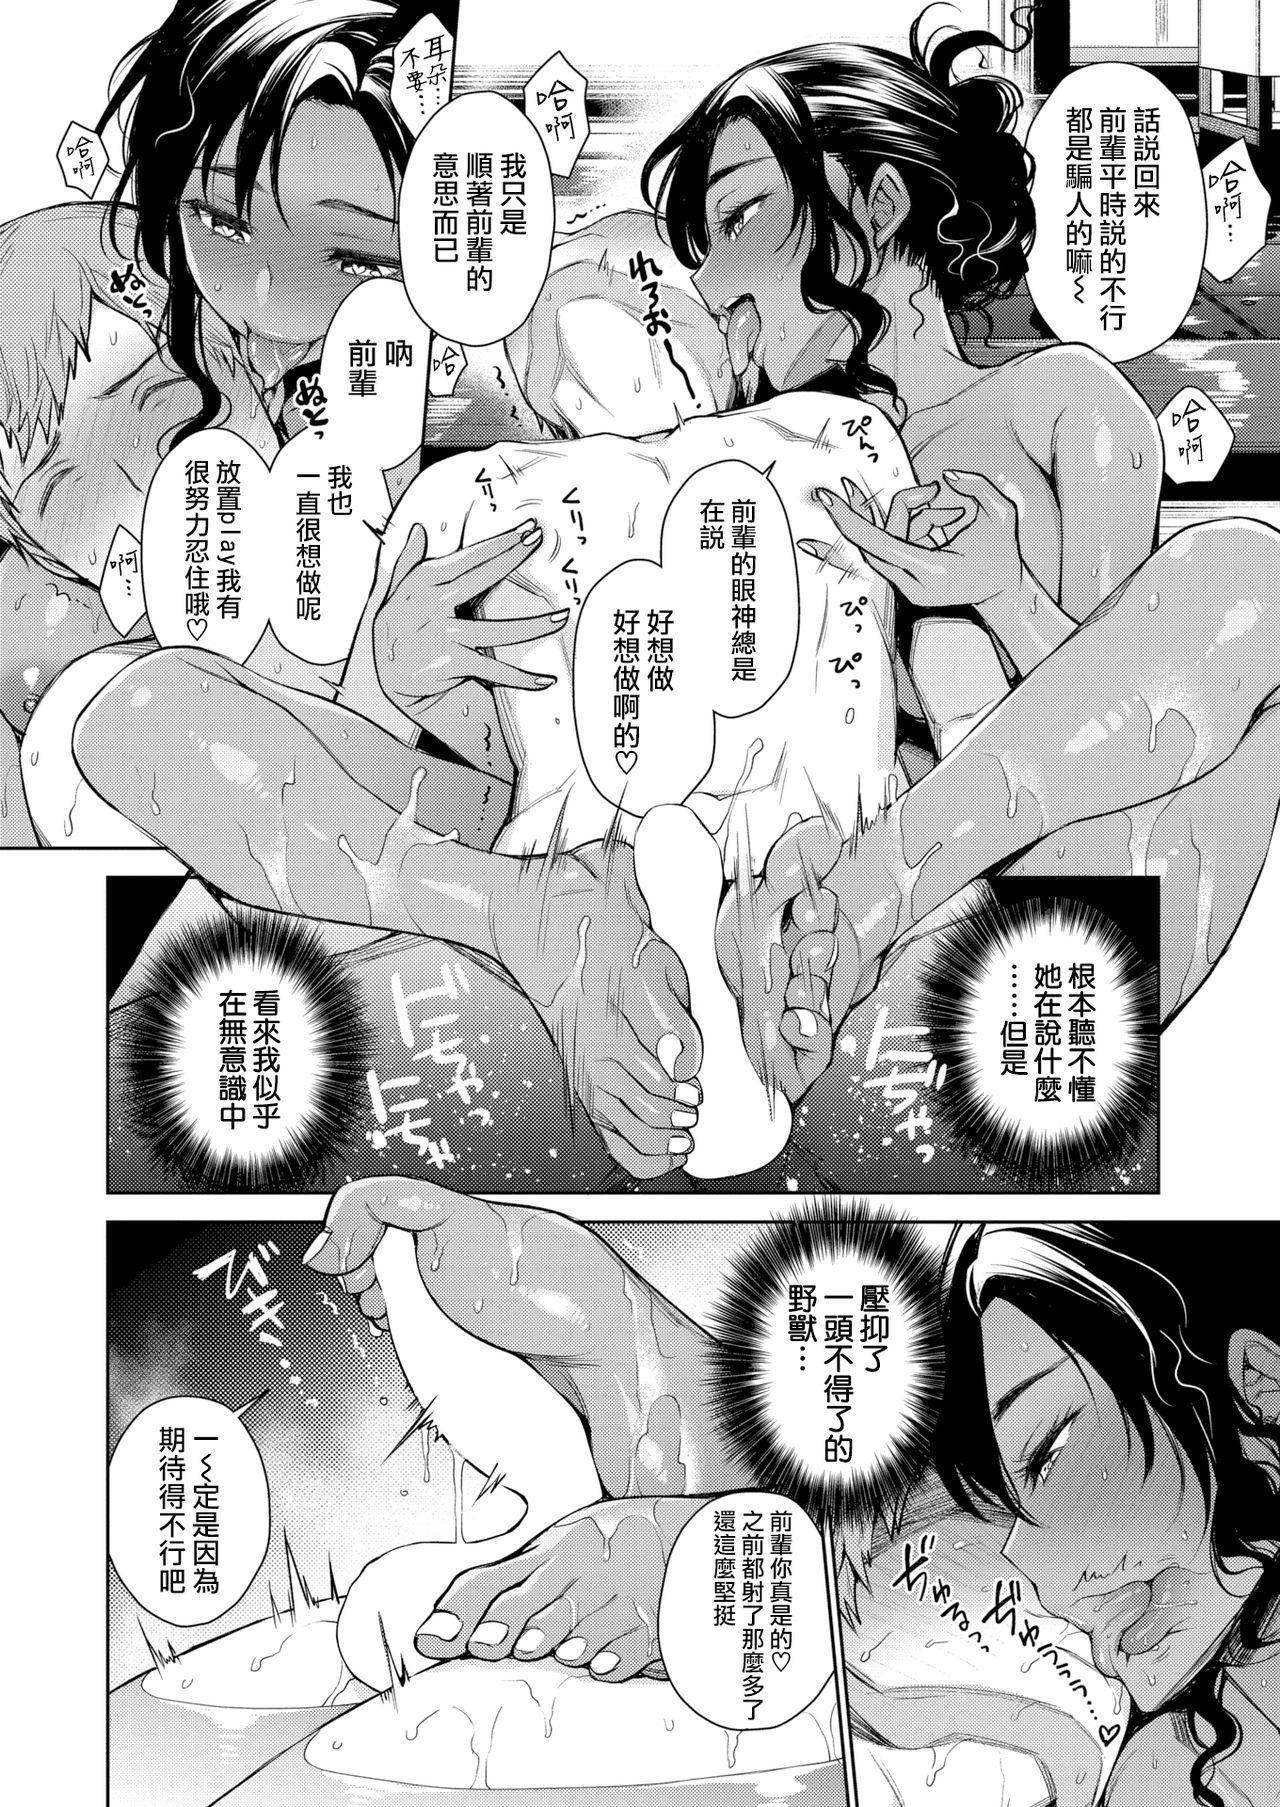 Makana-san to Acchi Kocchi 10